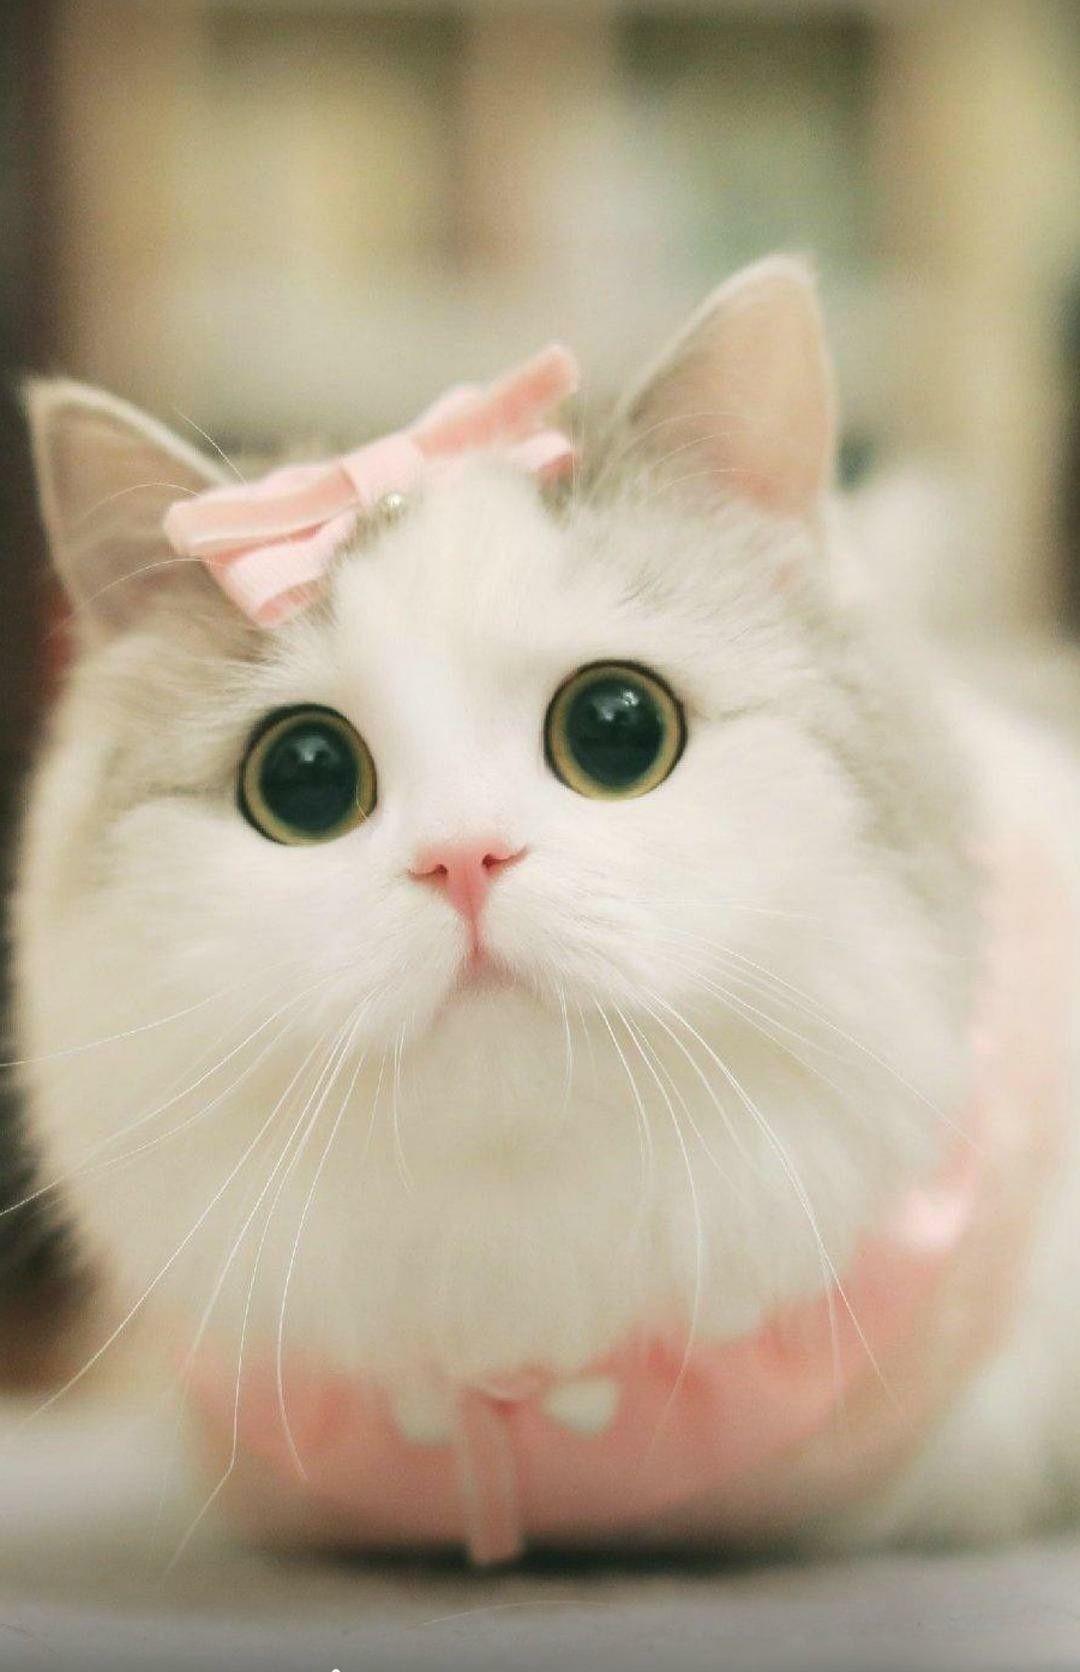 This Is Cat Or Hamster Bayi Hewan Bayi Kucing Binatang